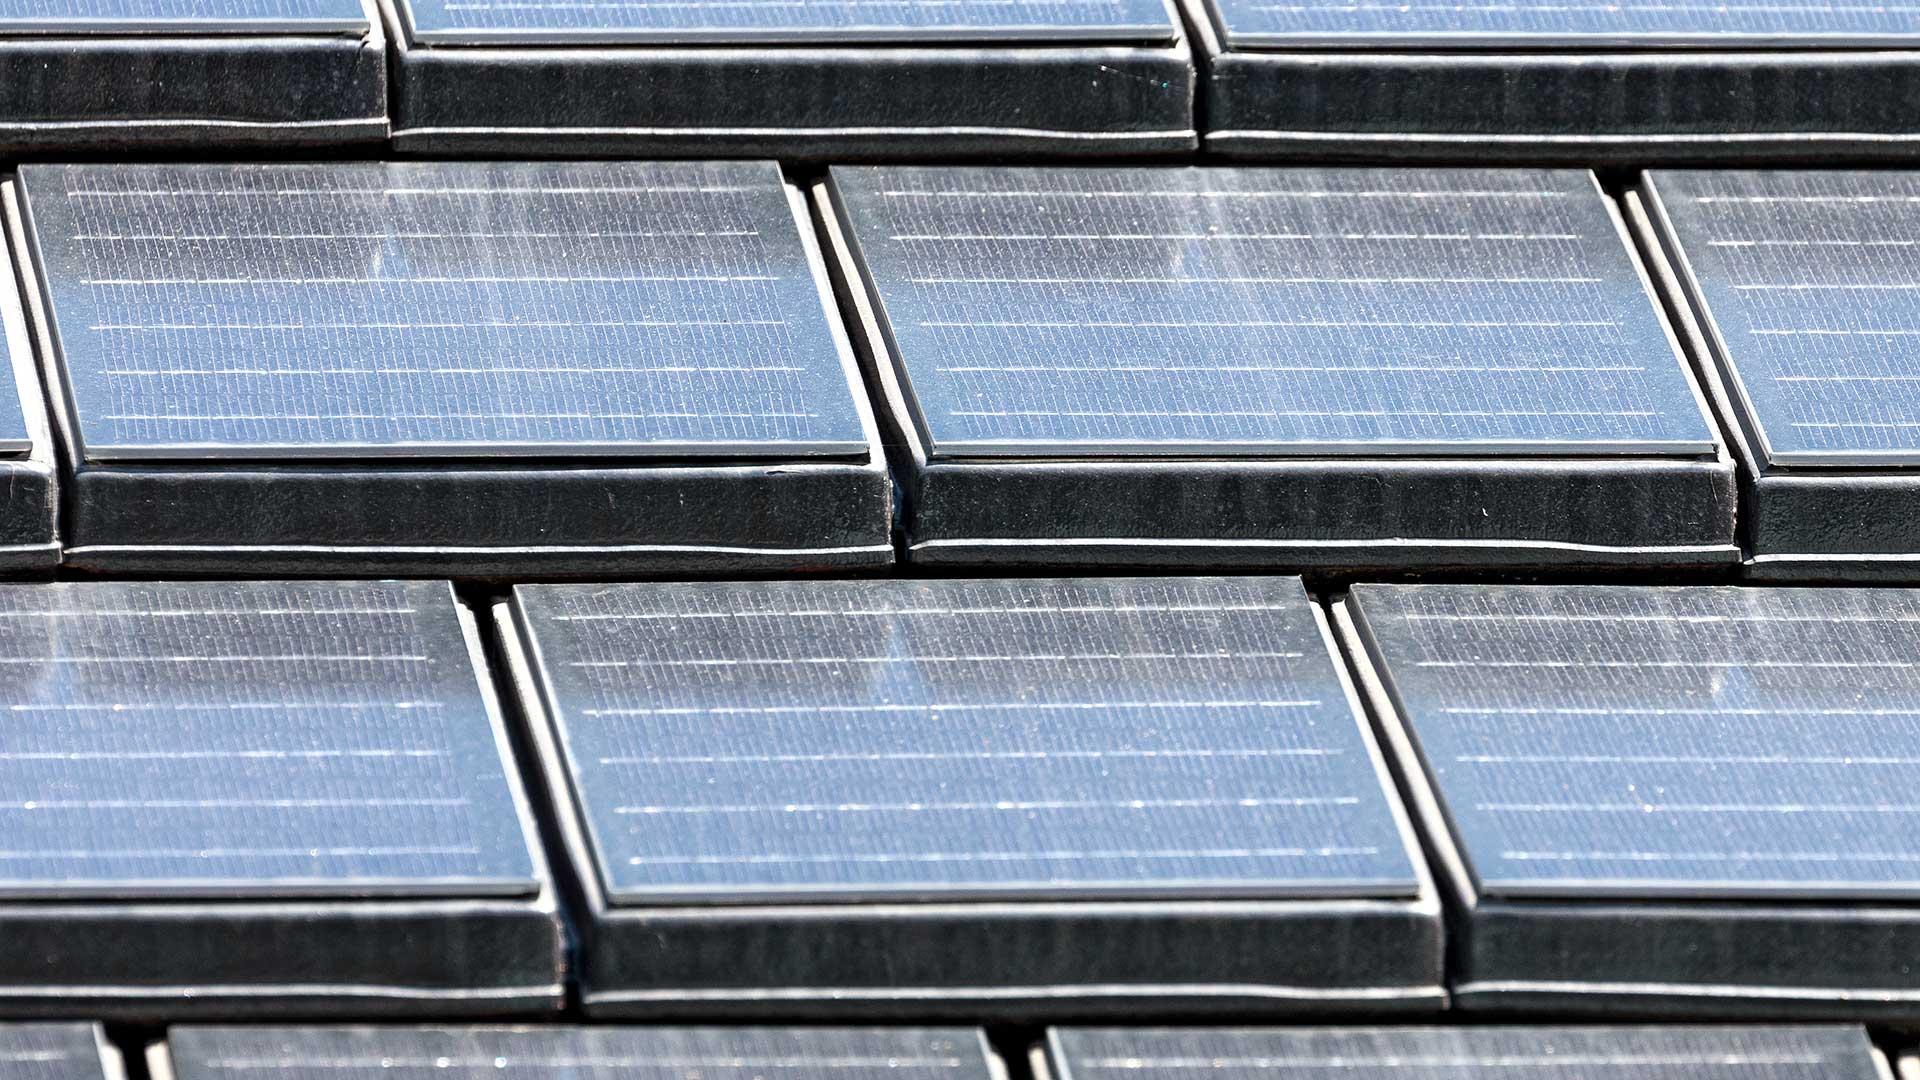 Architekturfotografie: Dachziegeln mit integrierten Solarzellen | Foto: Dieter Eikenberg, imprints